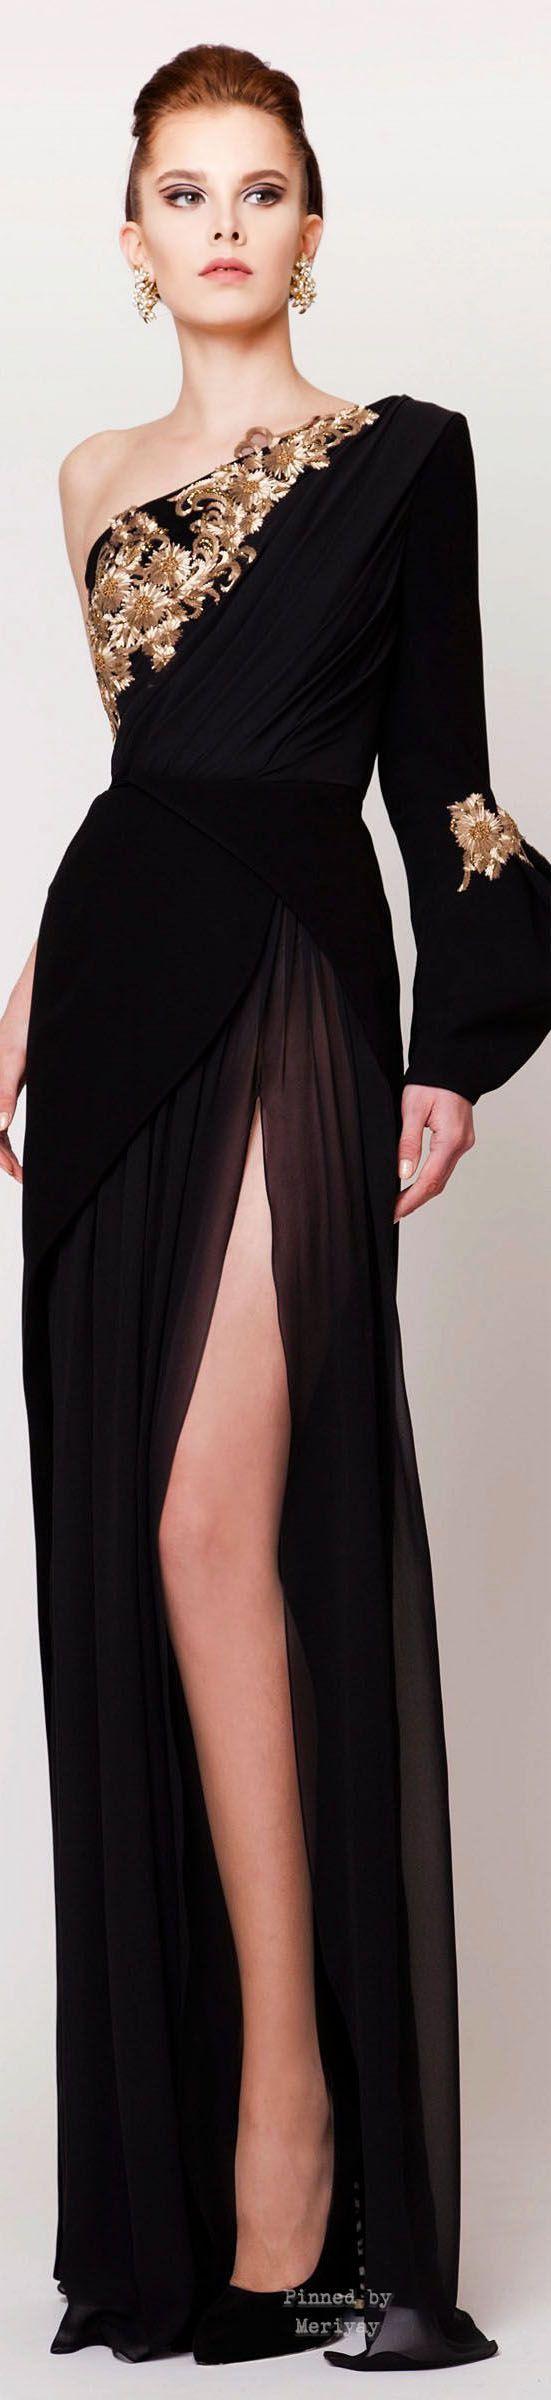 Azzi & Osta ~ Spring One Shoulder Front Split Gown, Black 2015.